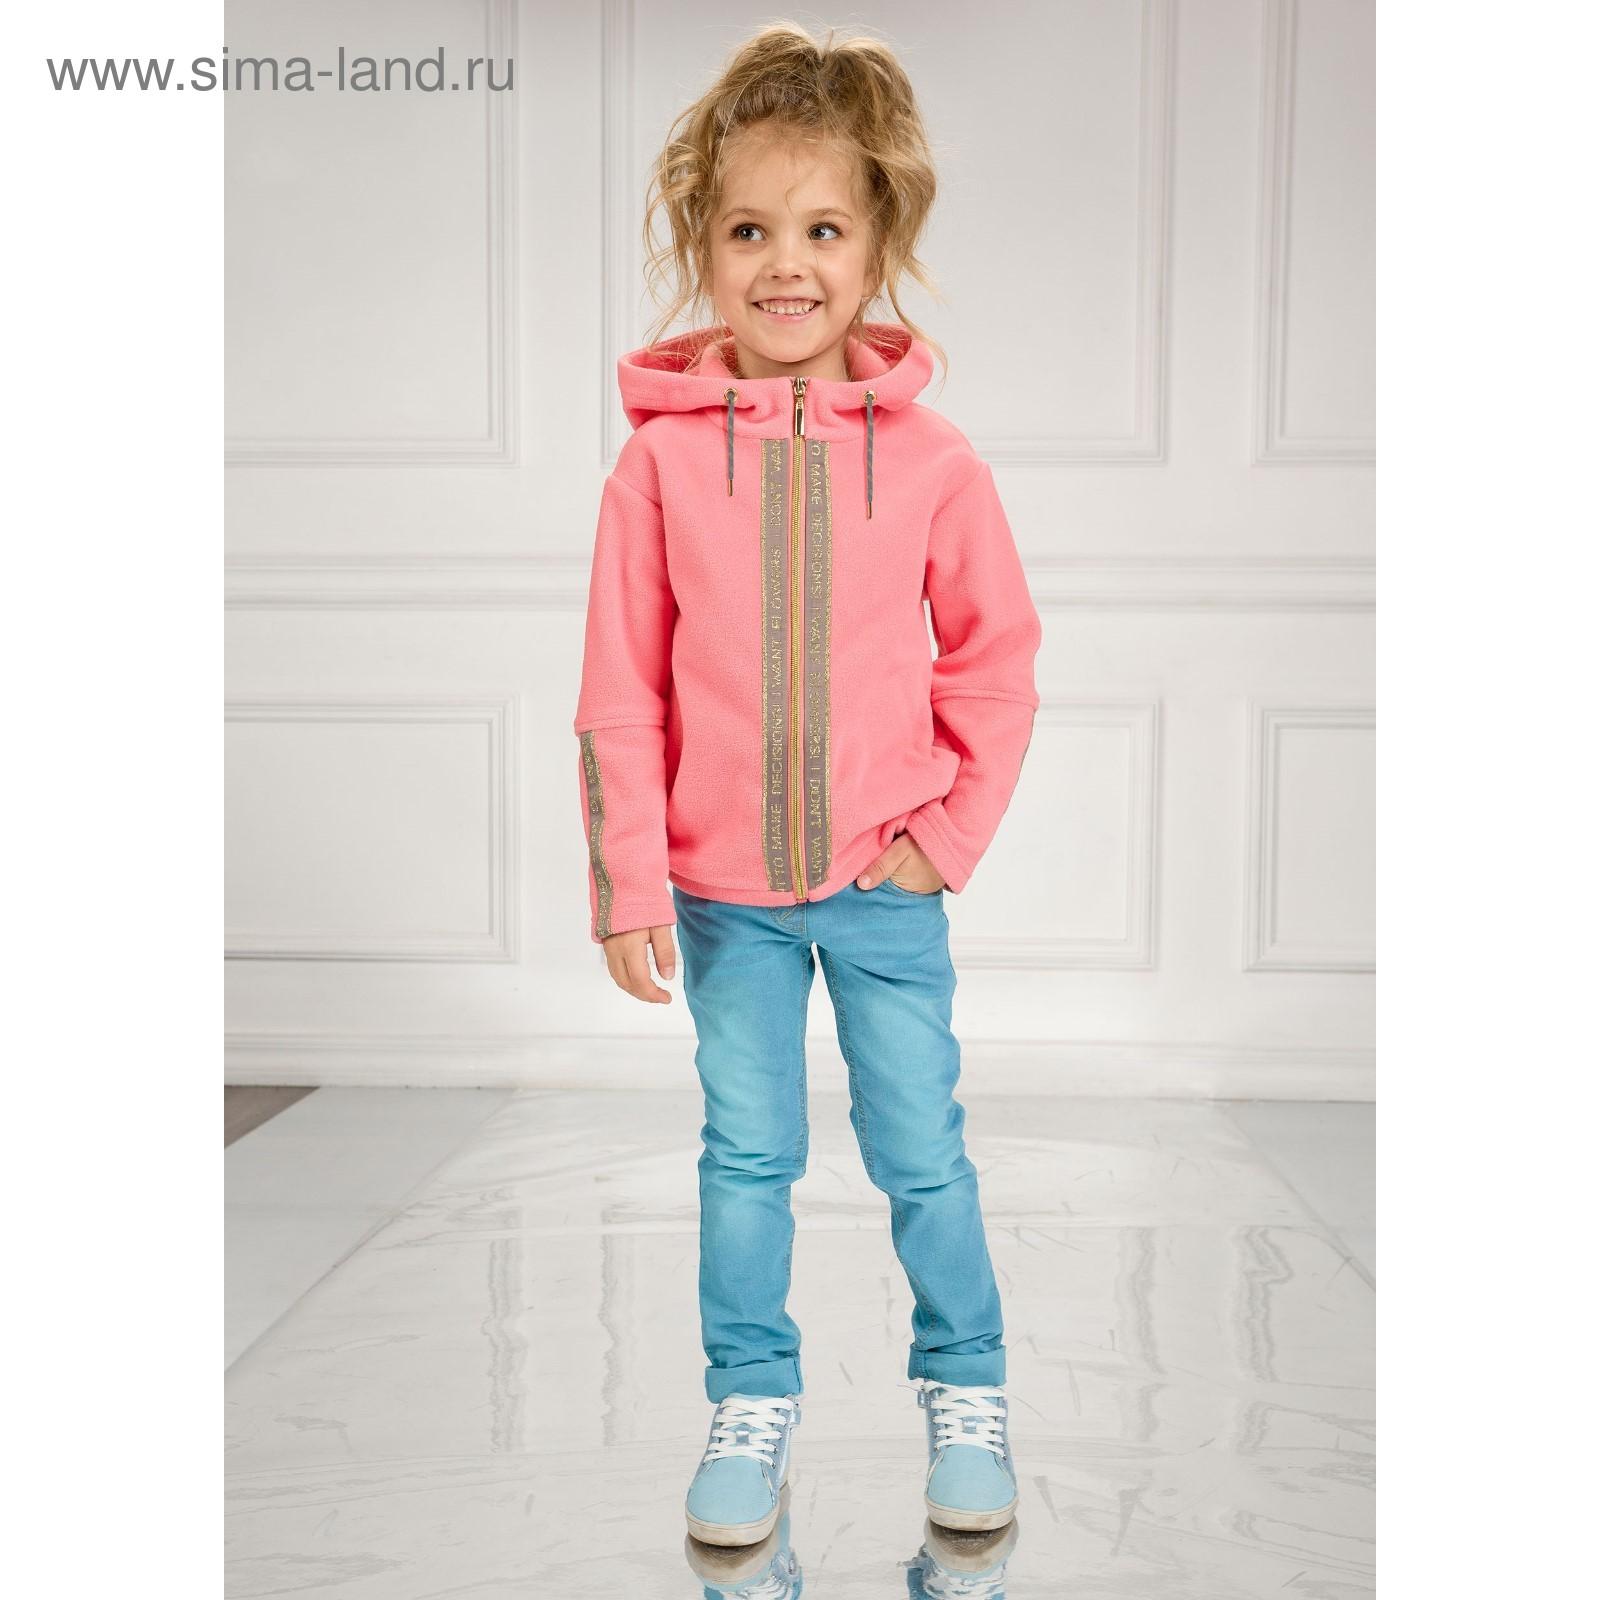 08590ccf7102 Куртка для девочки, рост 104 см, цвет розовый (GFXK3052) - Купить по ...